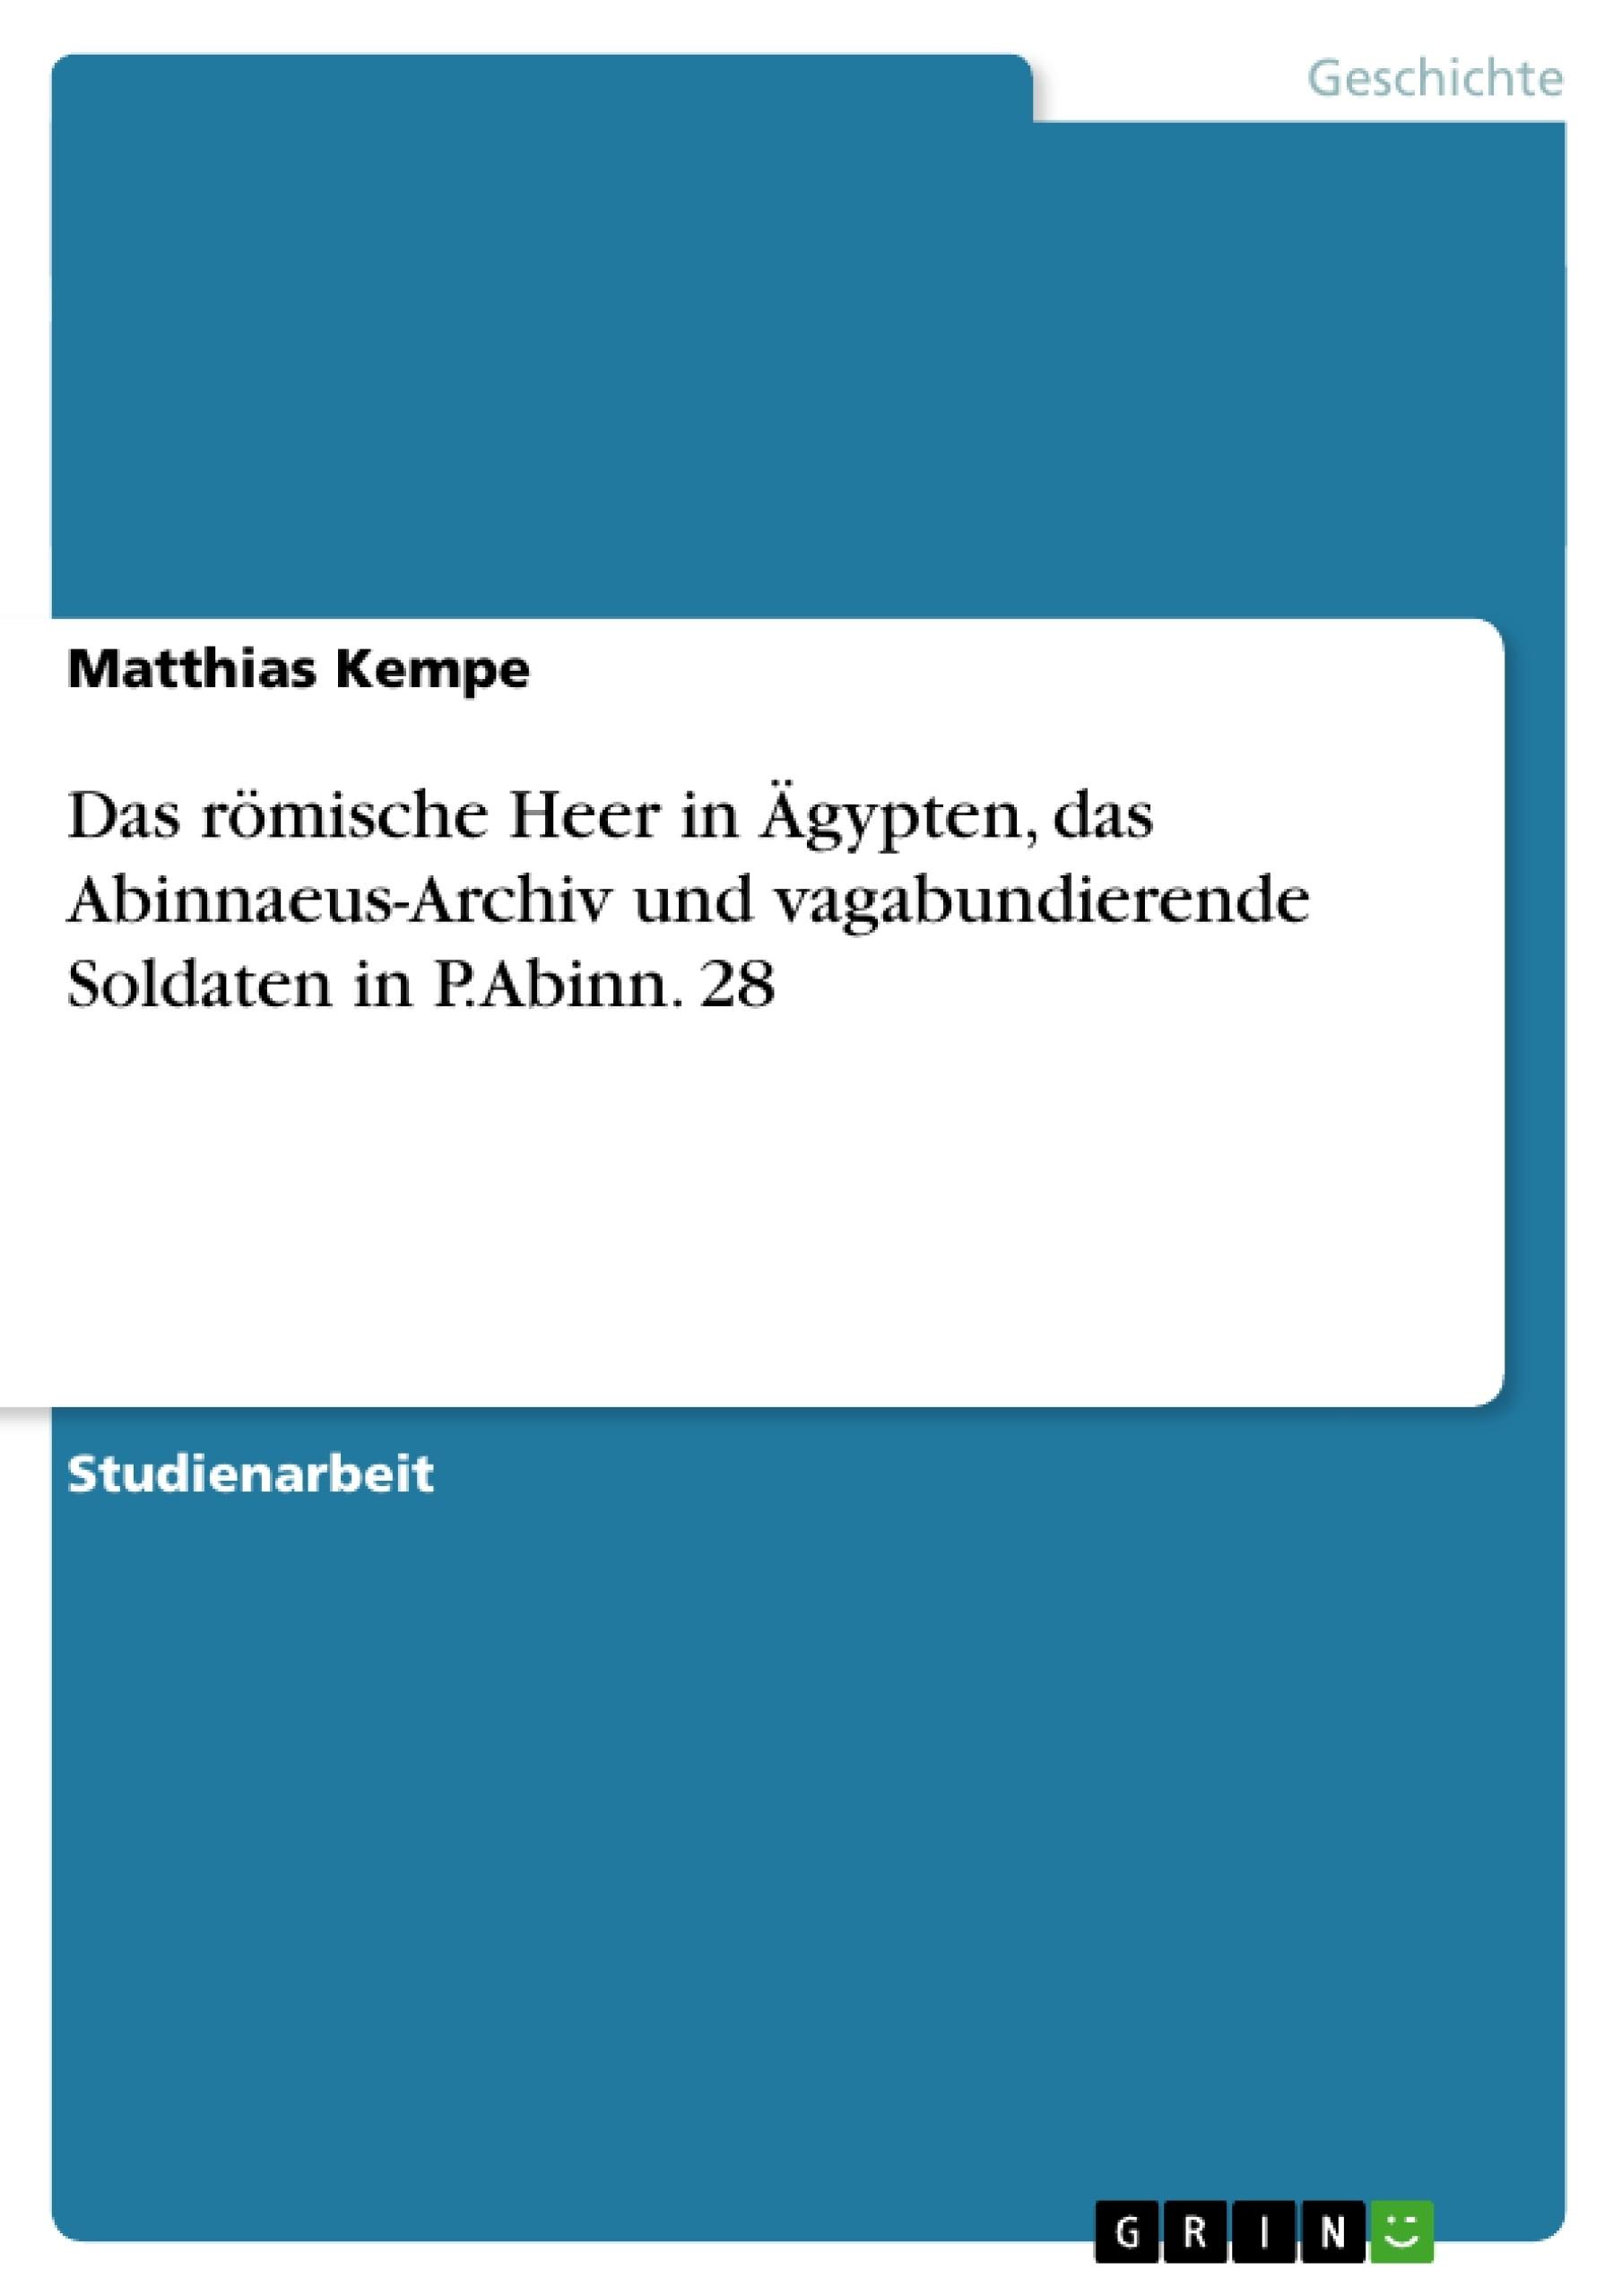 Titel: Das römische Heer in Ägypten, das Abinnaeus-Archiv und vagabundierende Soldaten in P.Abinn. 28